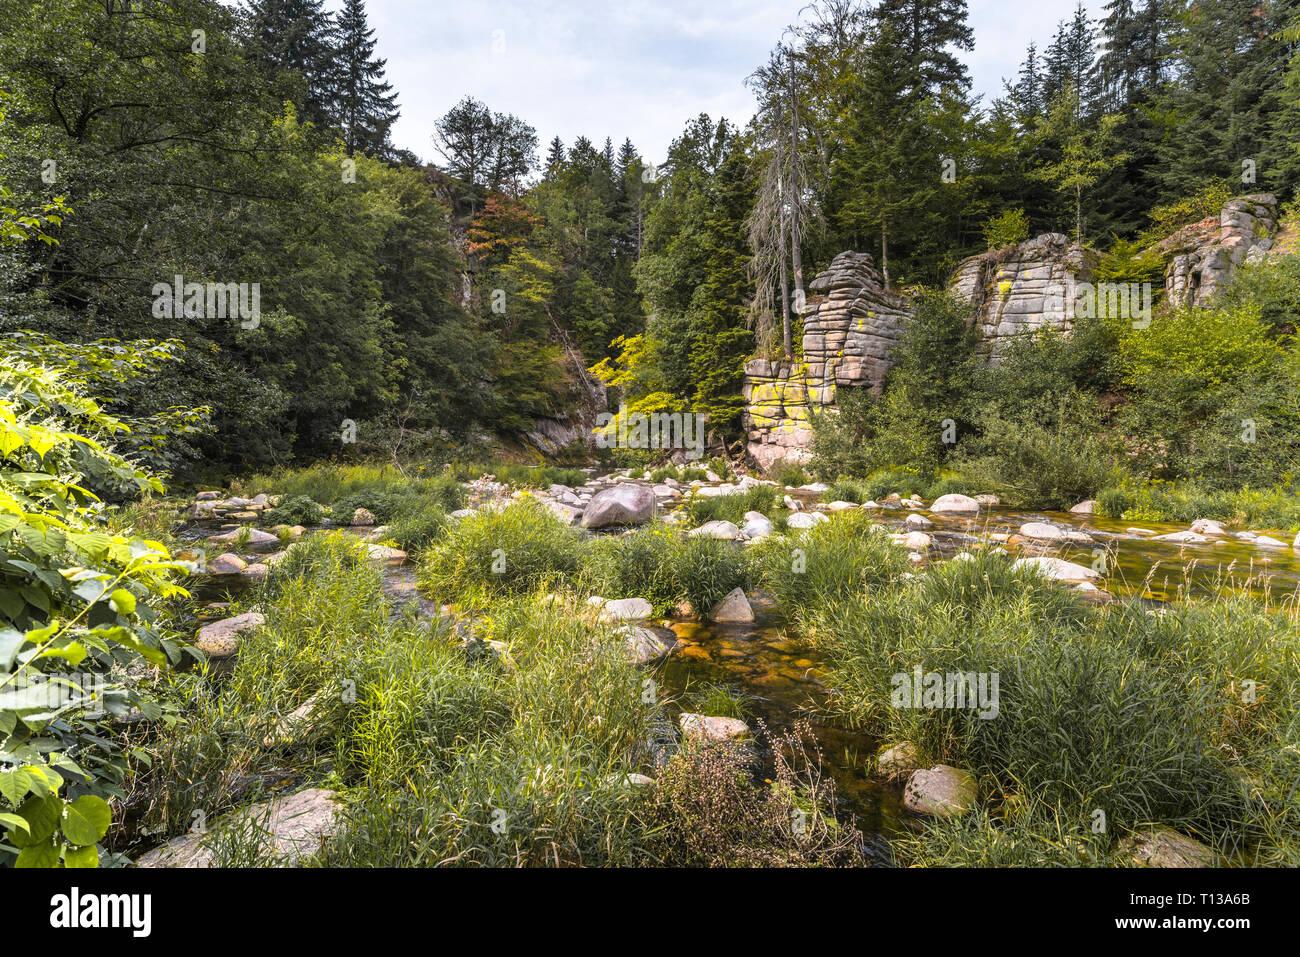 Partie bientot dans la section centrale de la rivière Murg; nord de la Forêt Noire, en Allemagne, la nature sauvage dans la vallée de la Murg près de Forbach Photo Stock